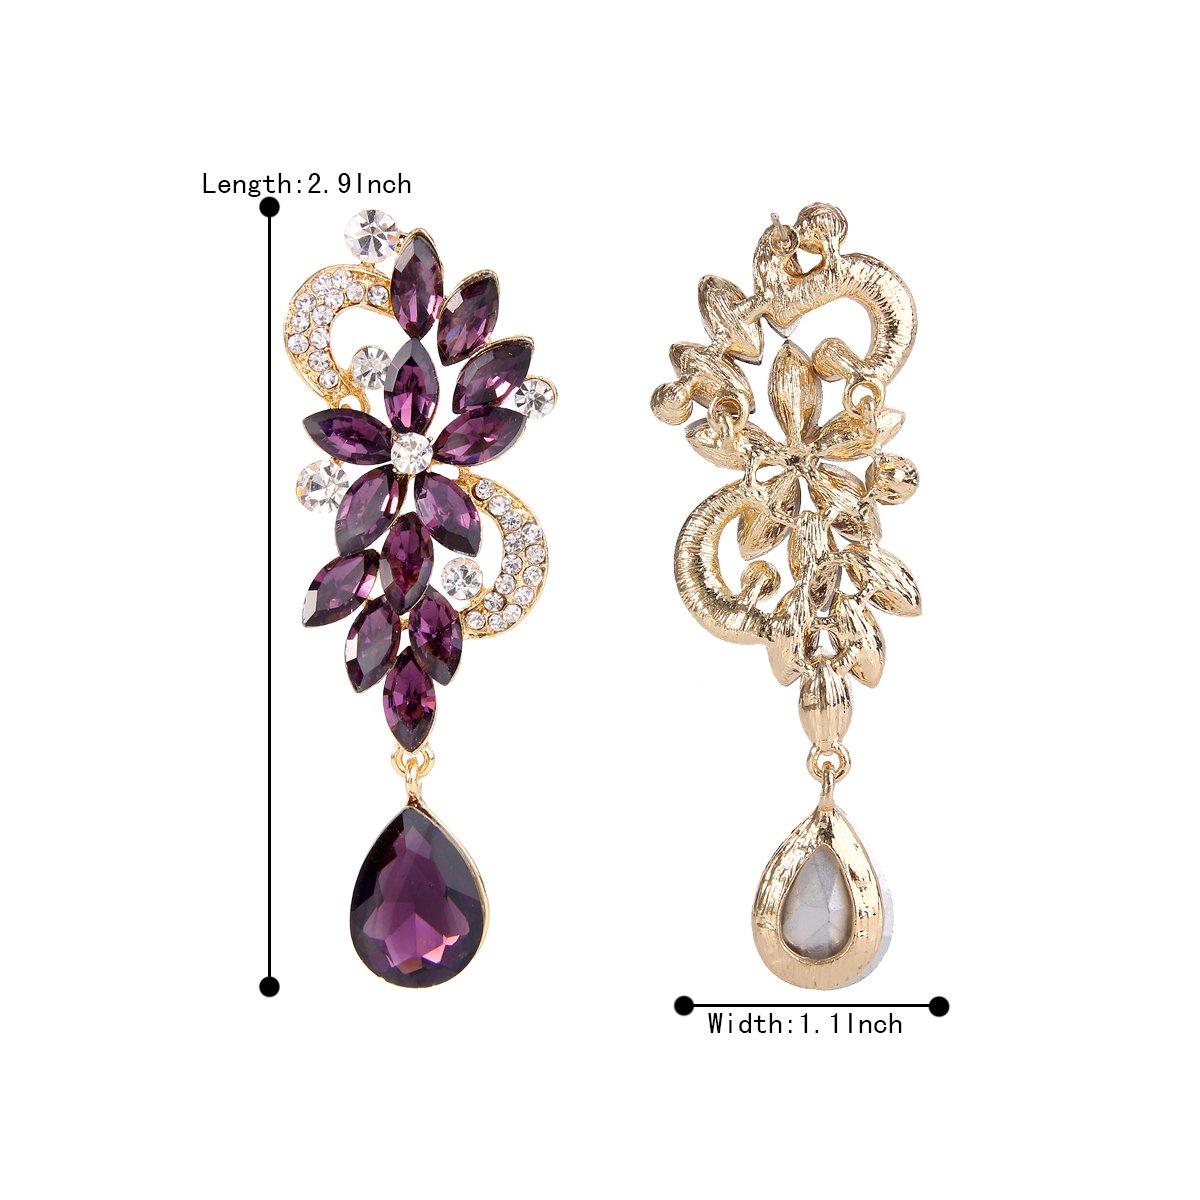 BriLove Women's Wedding Bridal Dangle Earrings Bohemian Boho Crystal Flower Chandelier Teardrop Bling Earrings Amethyst Color Gold-Tone by BriLove (Image #5)